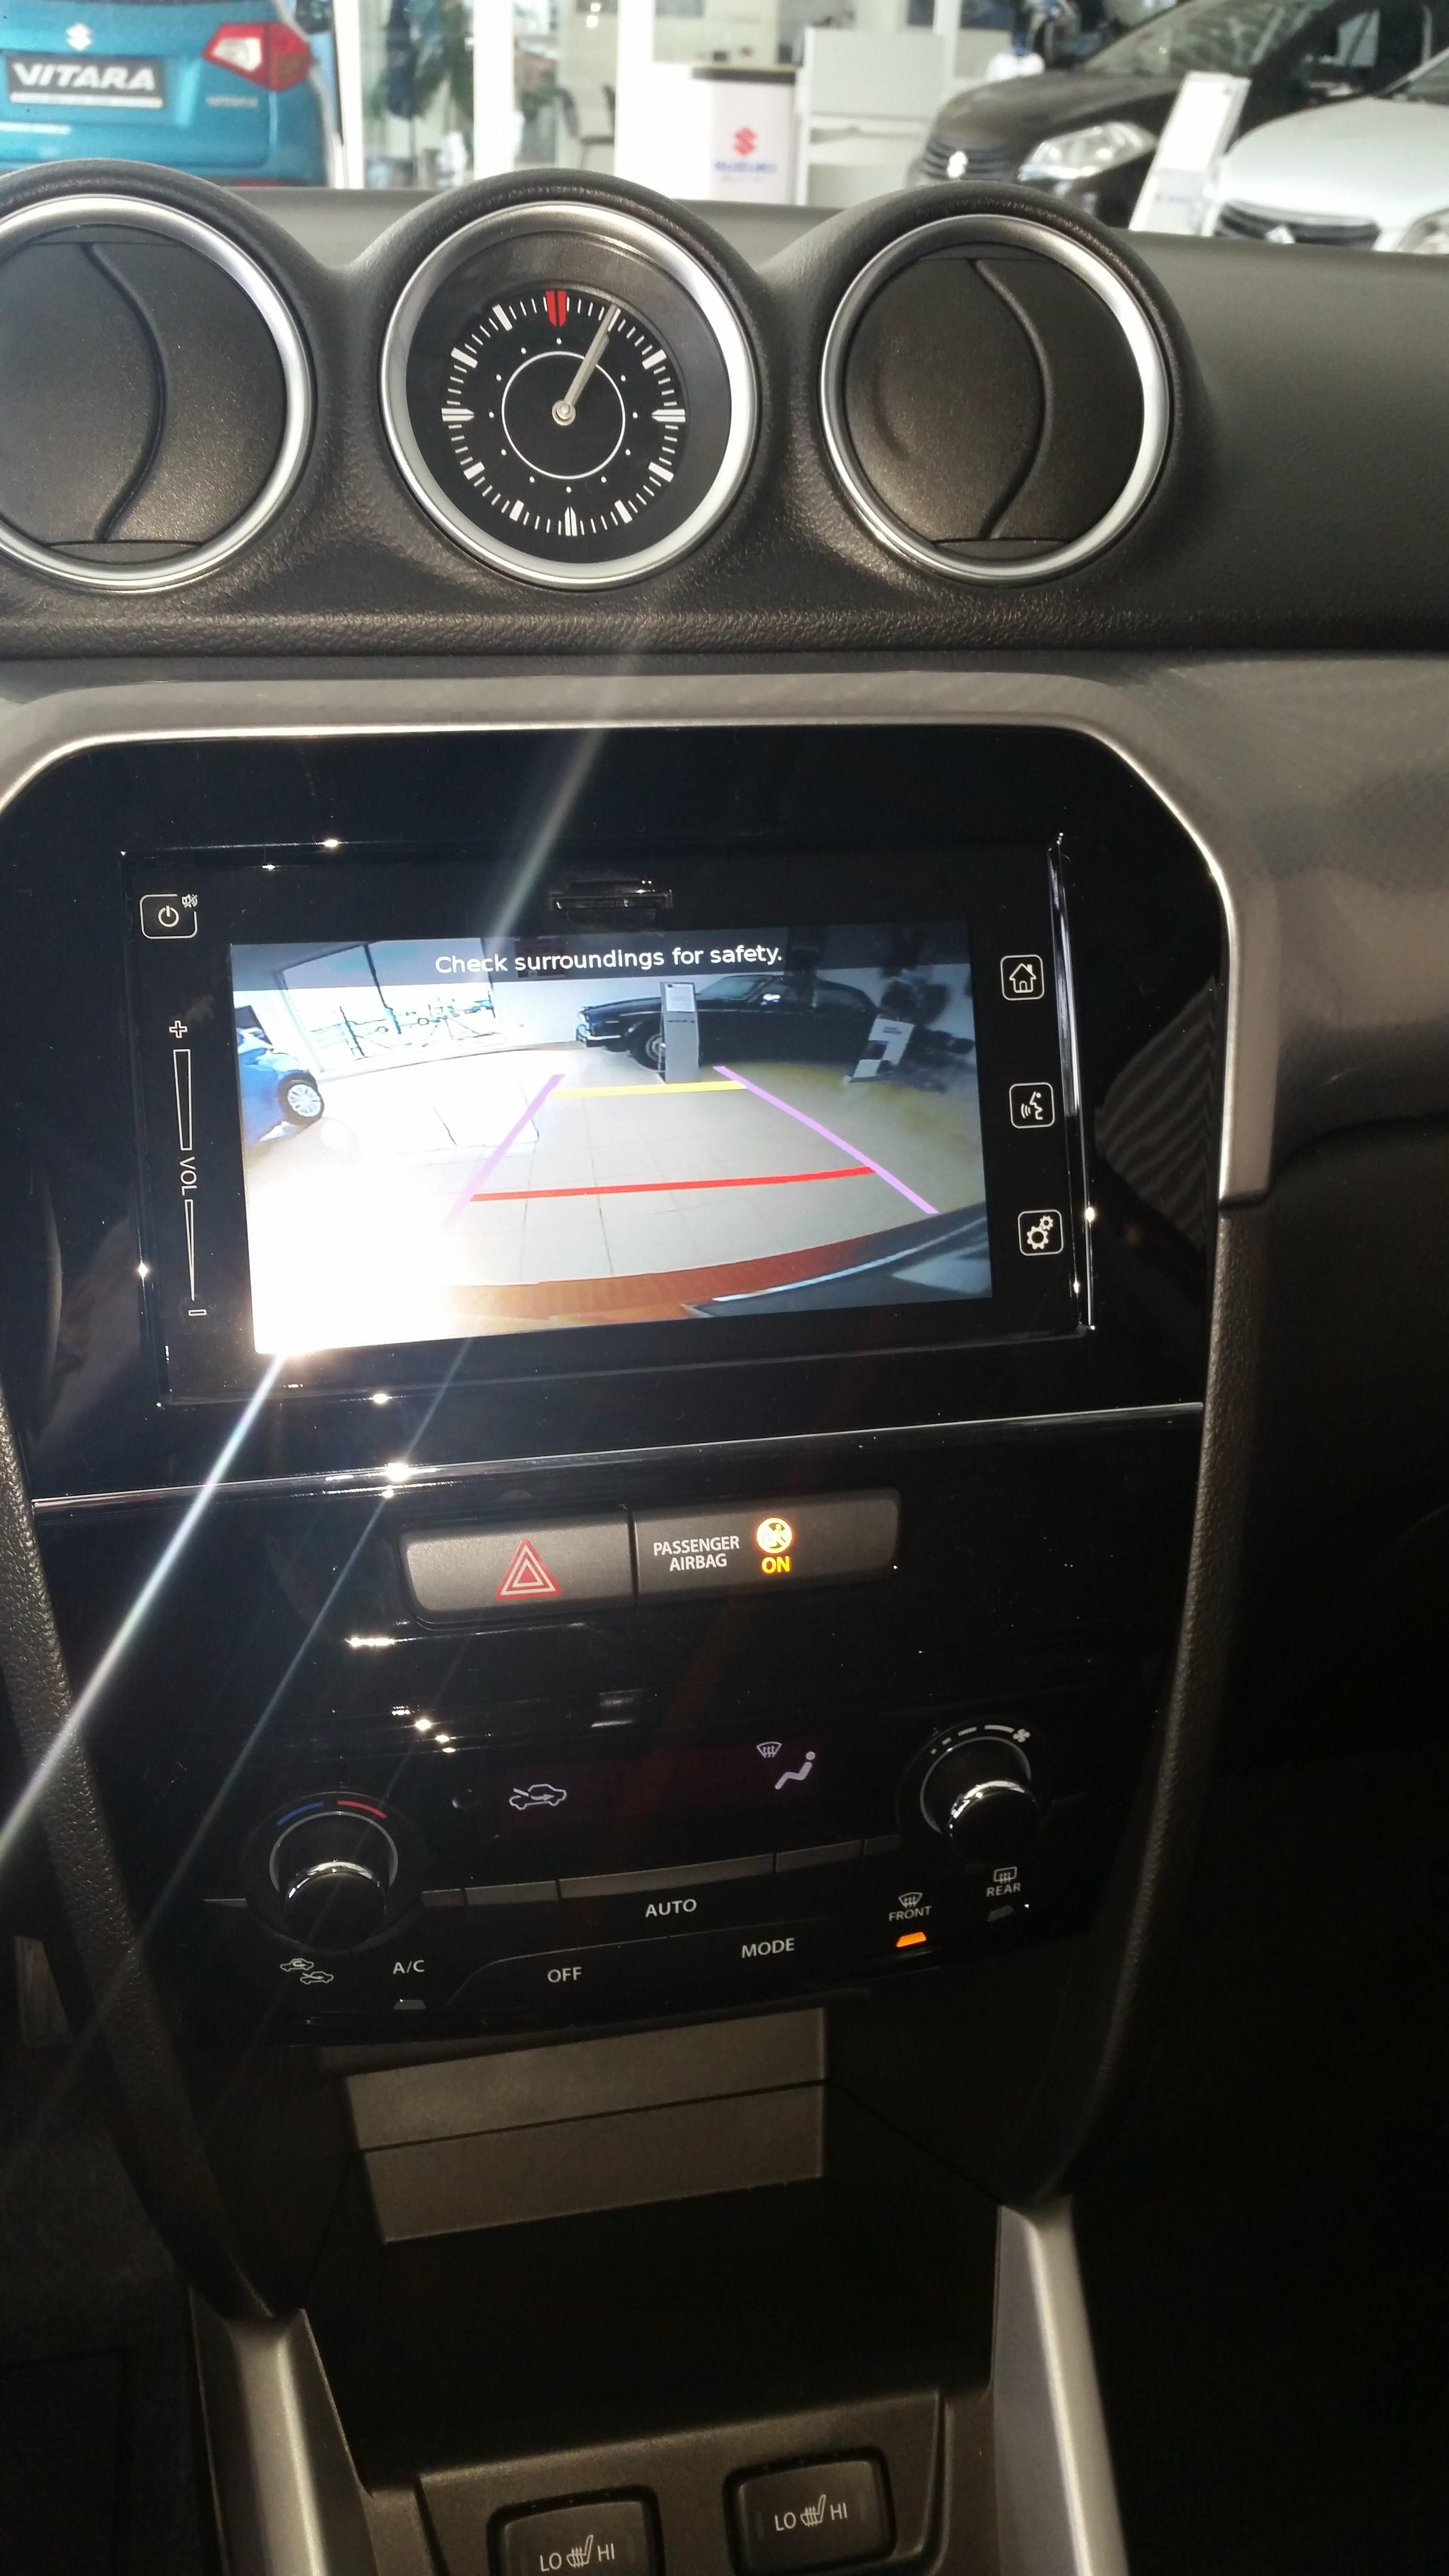 Suzuki nová Vitara parkovací kamera